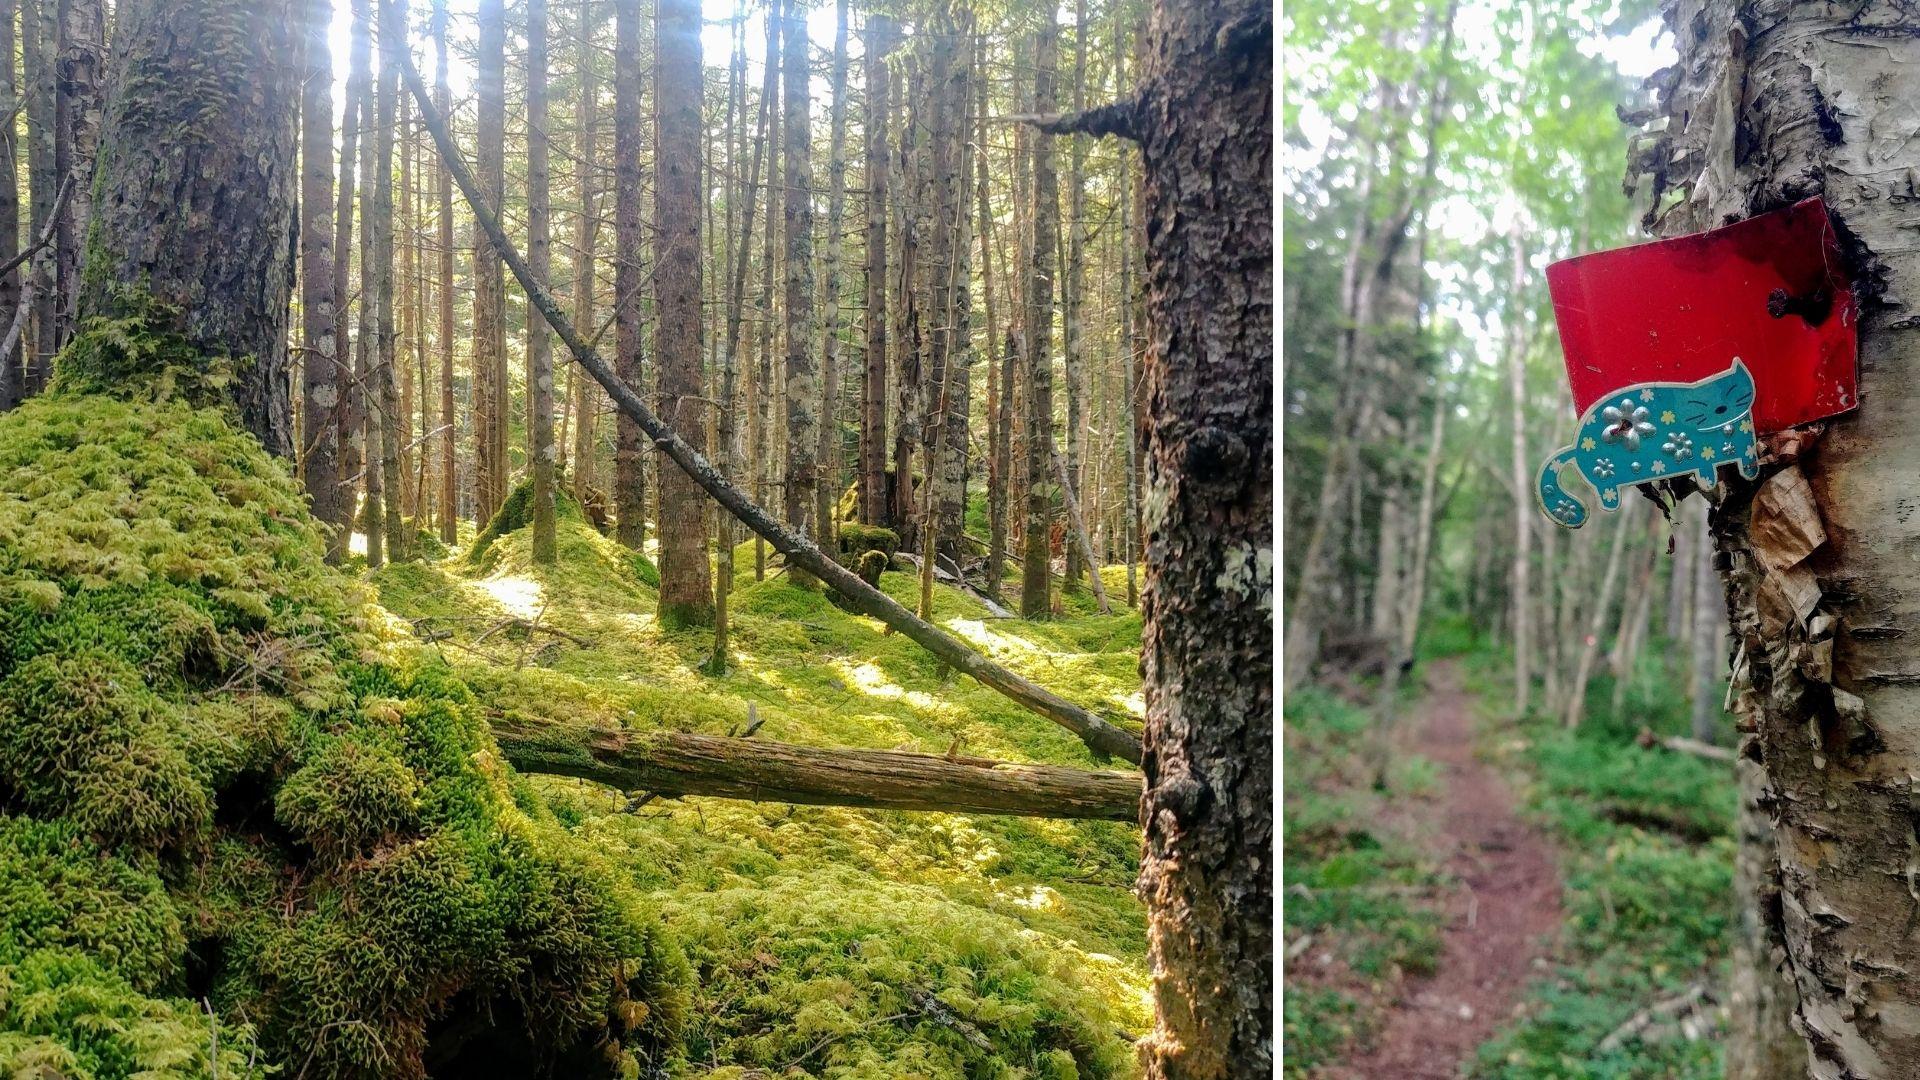 Randonnée solo parc provincial sentier Cape Chignecto Nouvelle-Écosse Canada - Eatonville